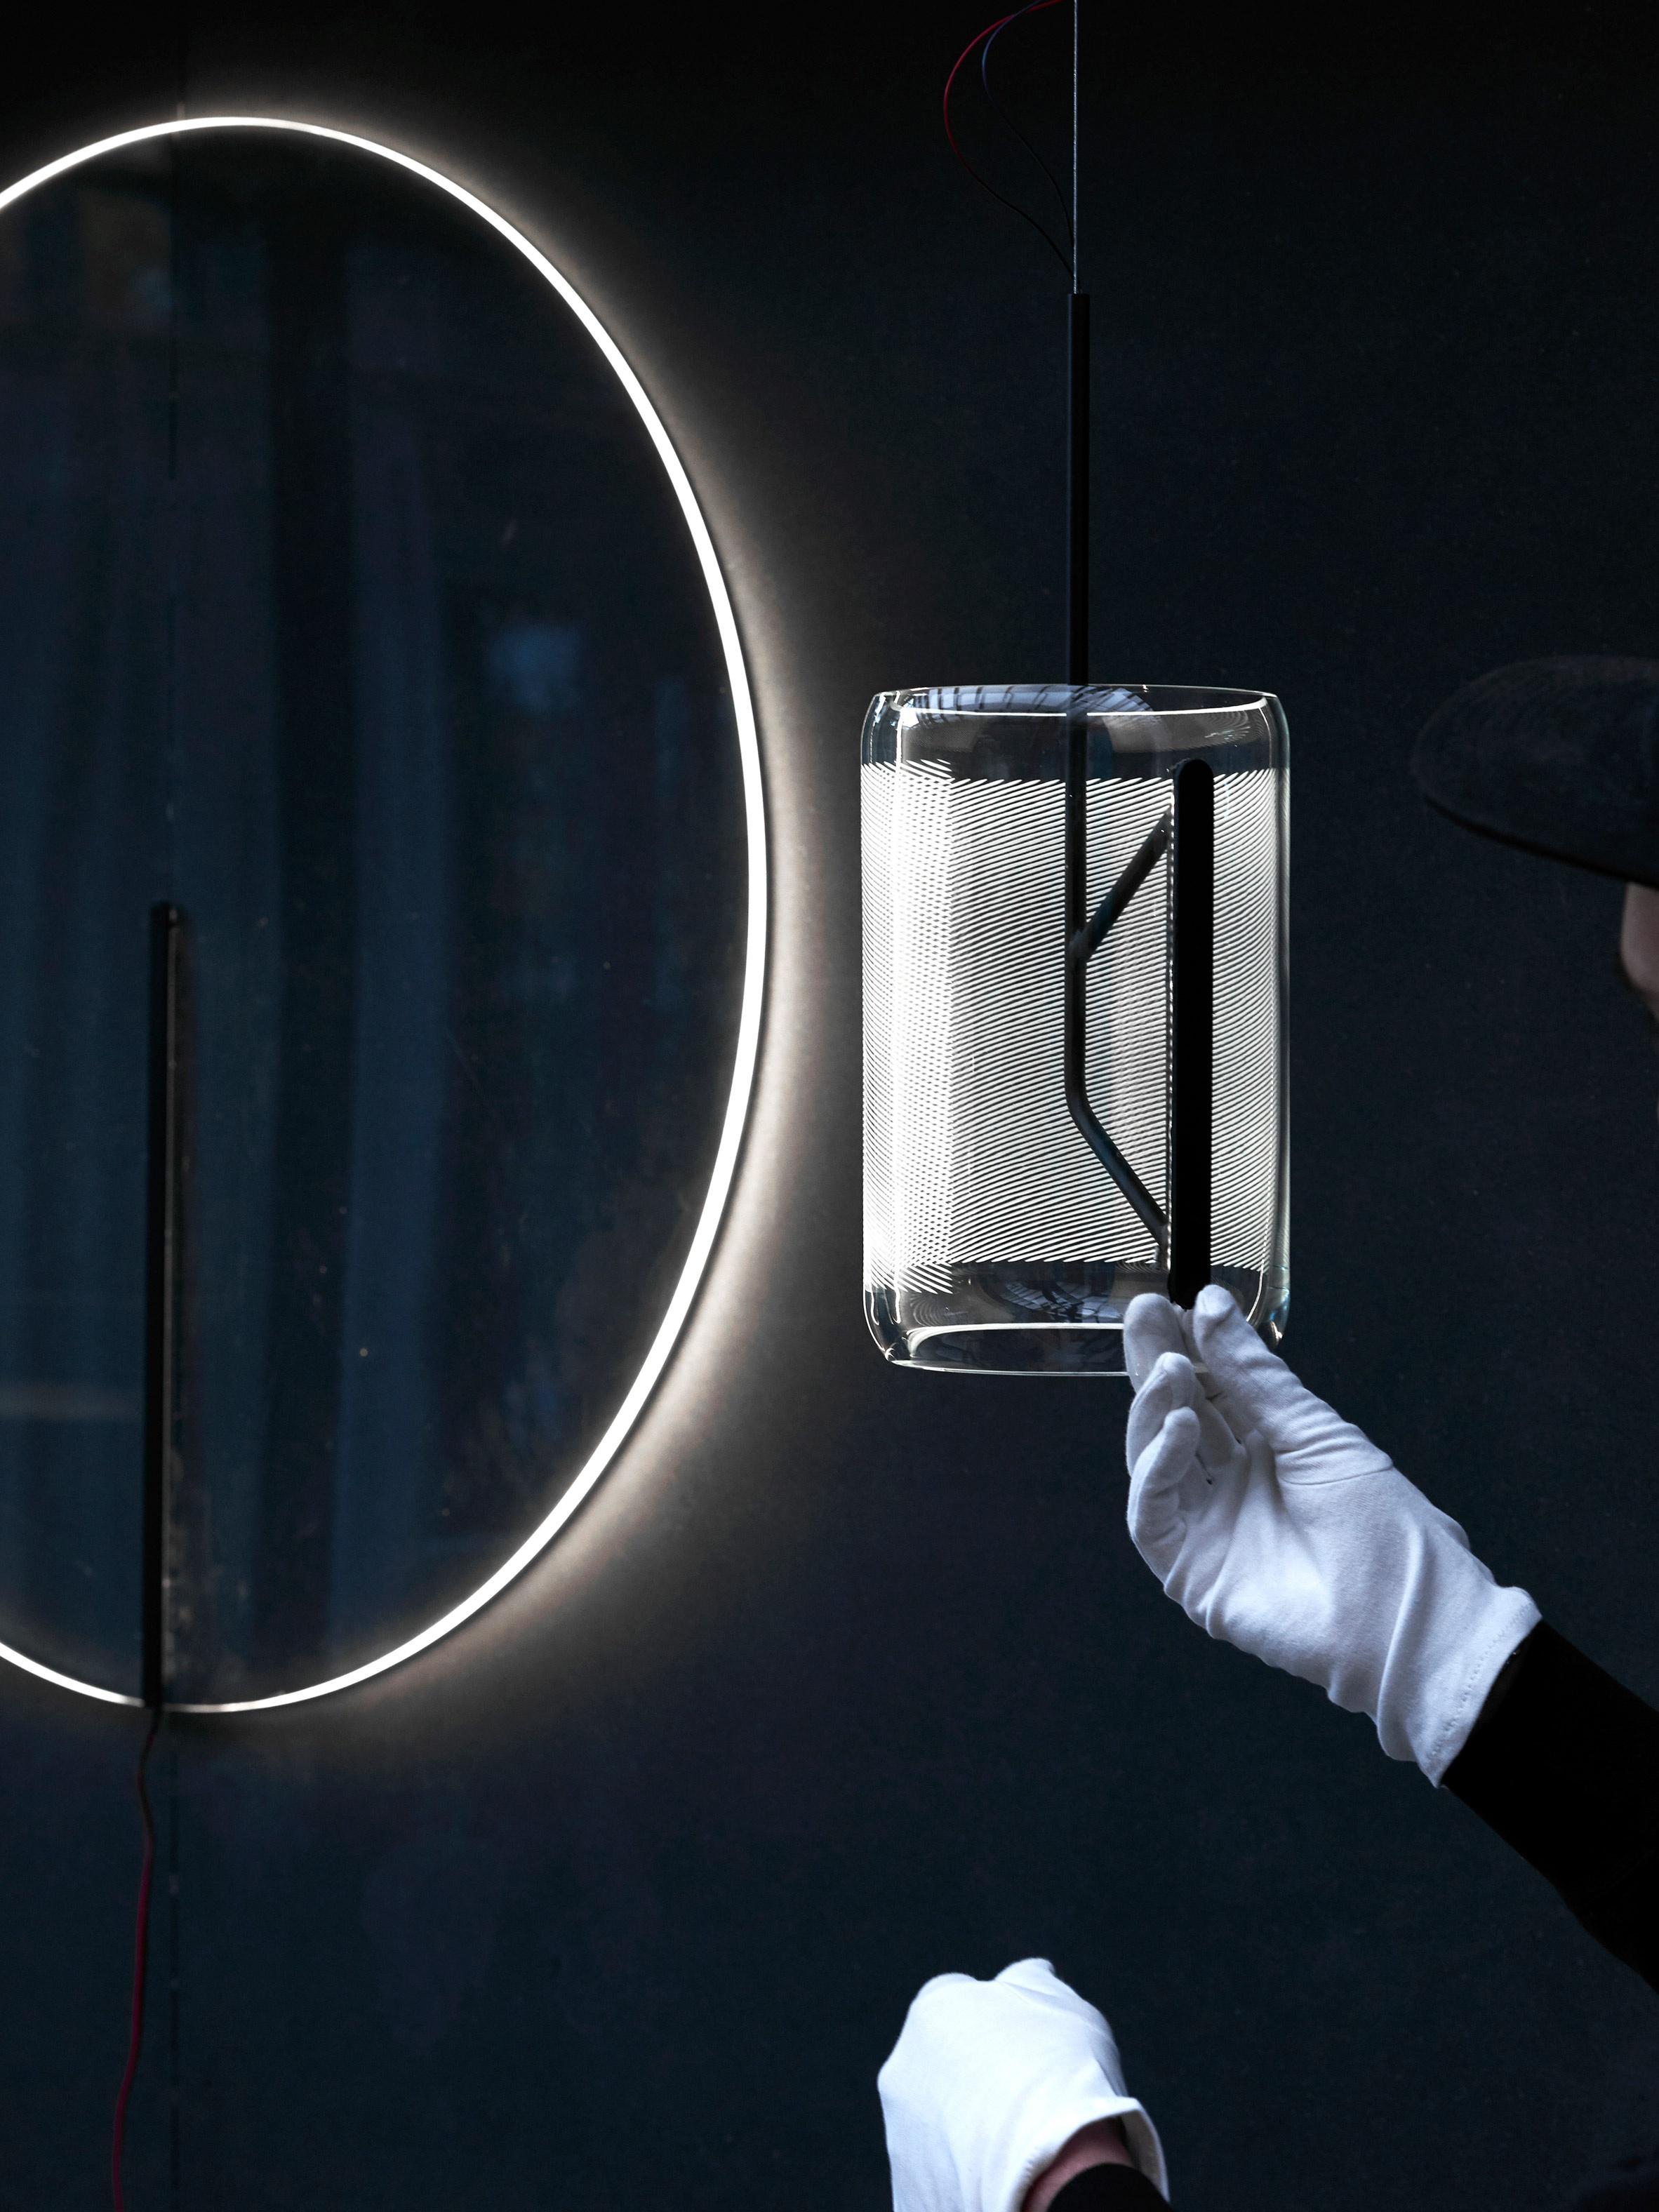 guise-stefan-diez-design-lighting-lamps_dezeen_2364_col_11